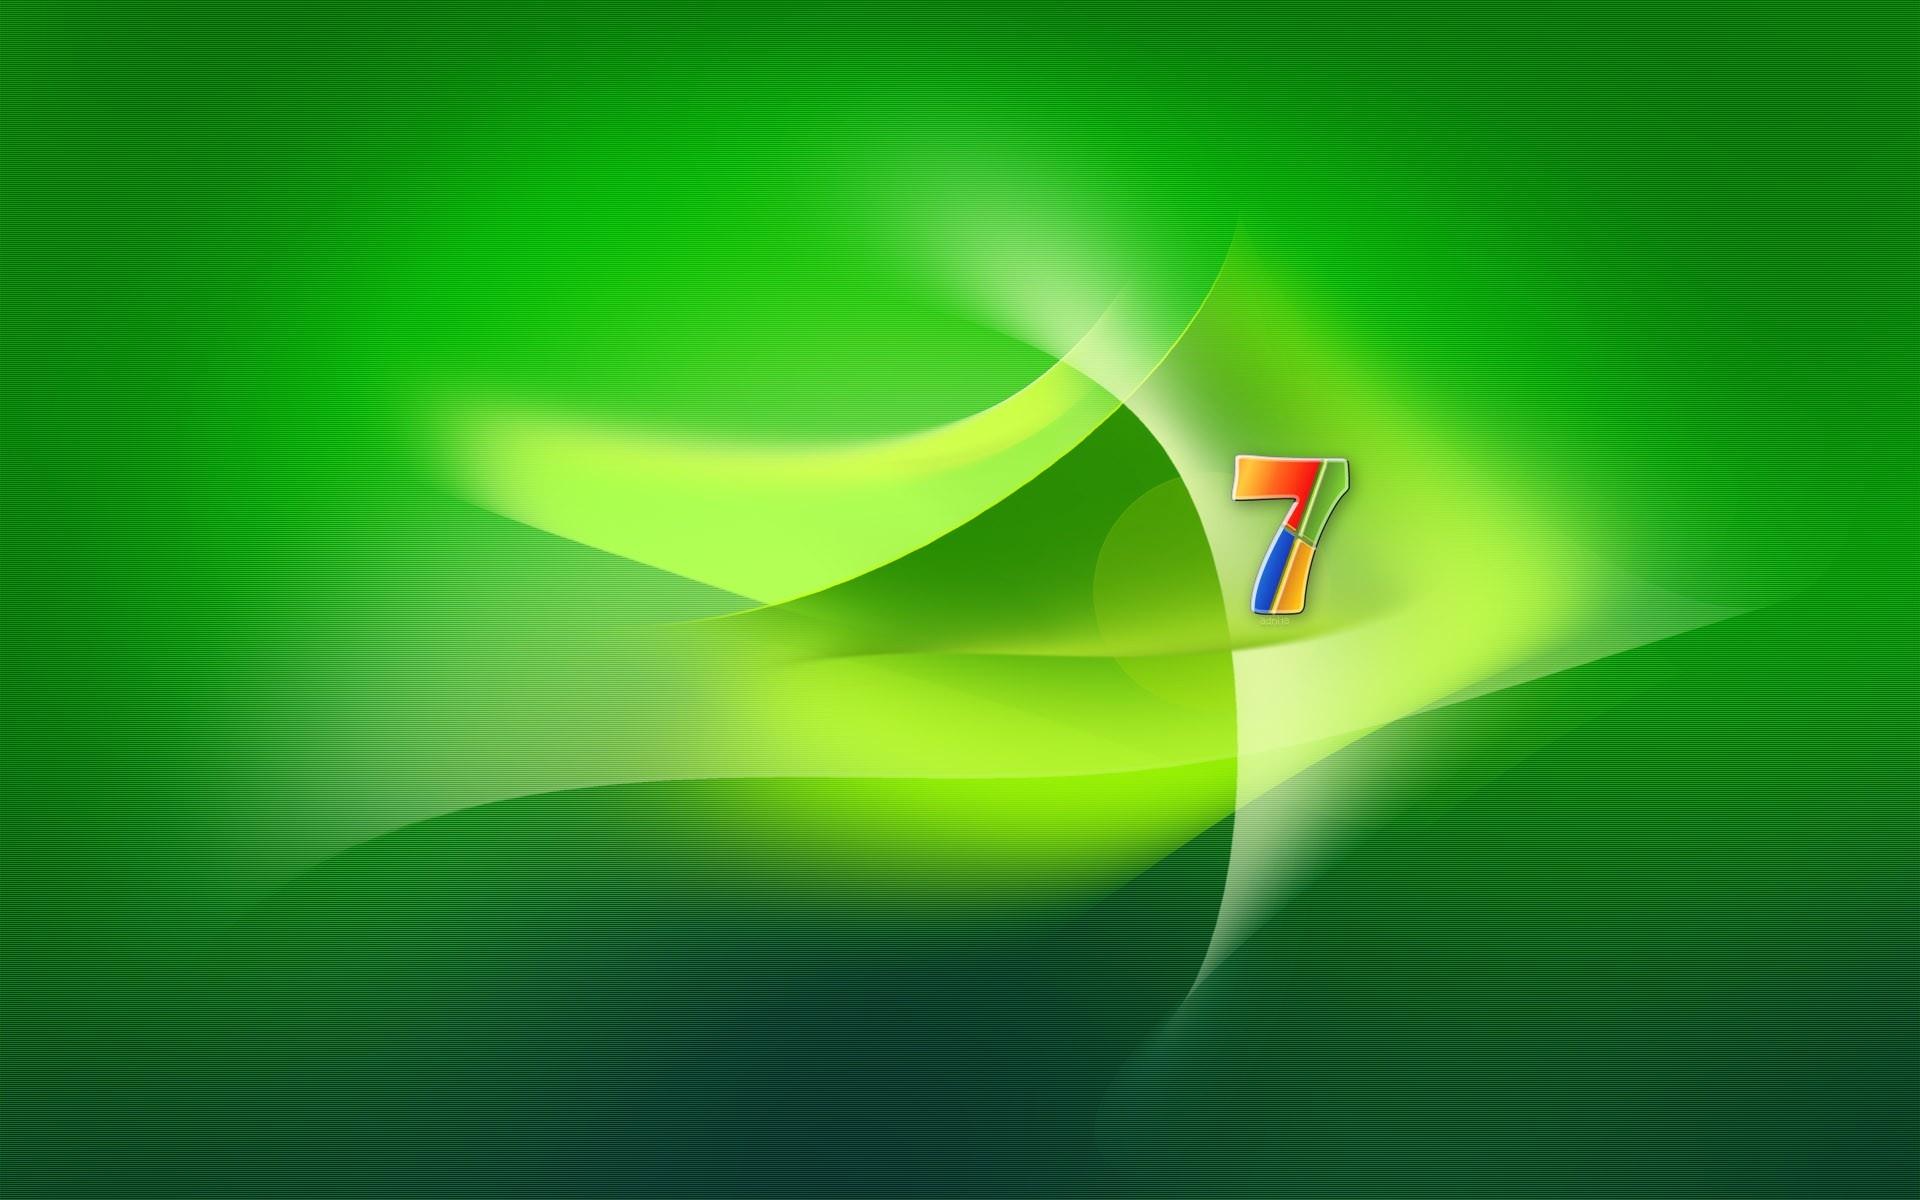 小猪麦兜手机壁纸】高清  quot 小猪麦兜手机壁纸 quot 第1张 moreover Online Last Seen Today At 12 56 Pm further 제시카 알바 06 배경 화면 2560x1600 배경 화면 moreover Green Windows 7 as well Das Mausefallenauto MARIA STERN. on 1206 html